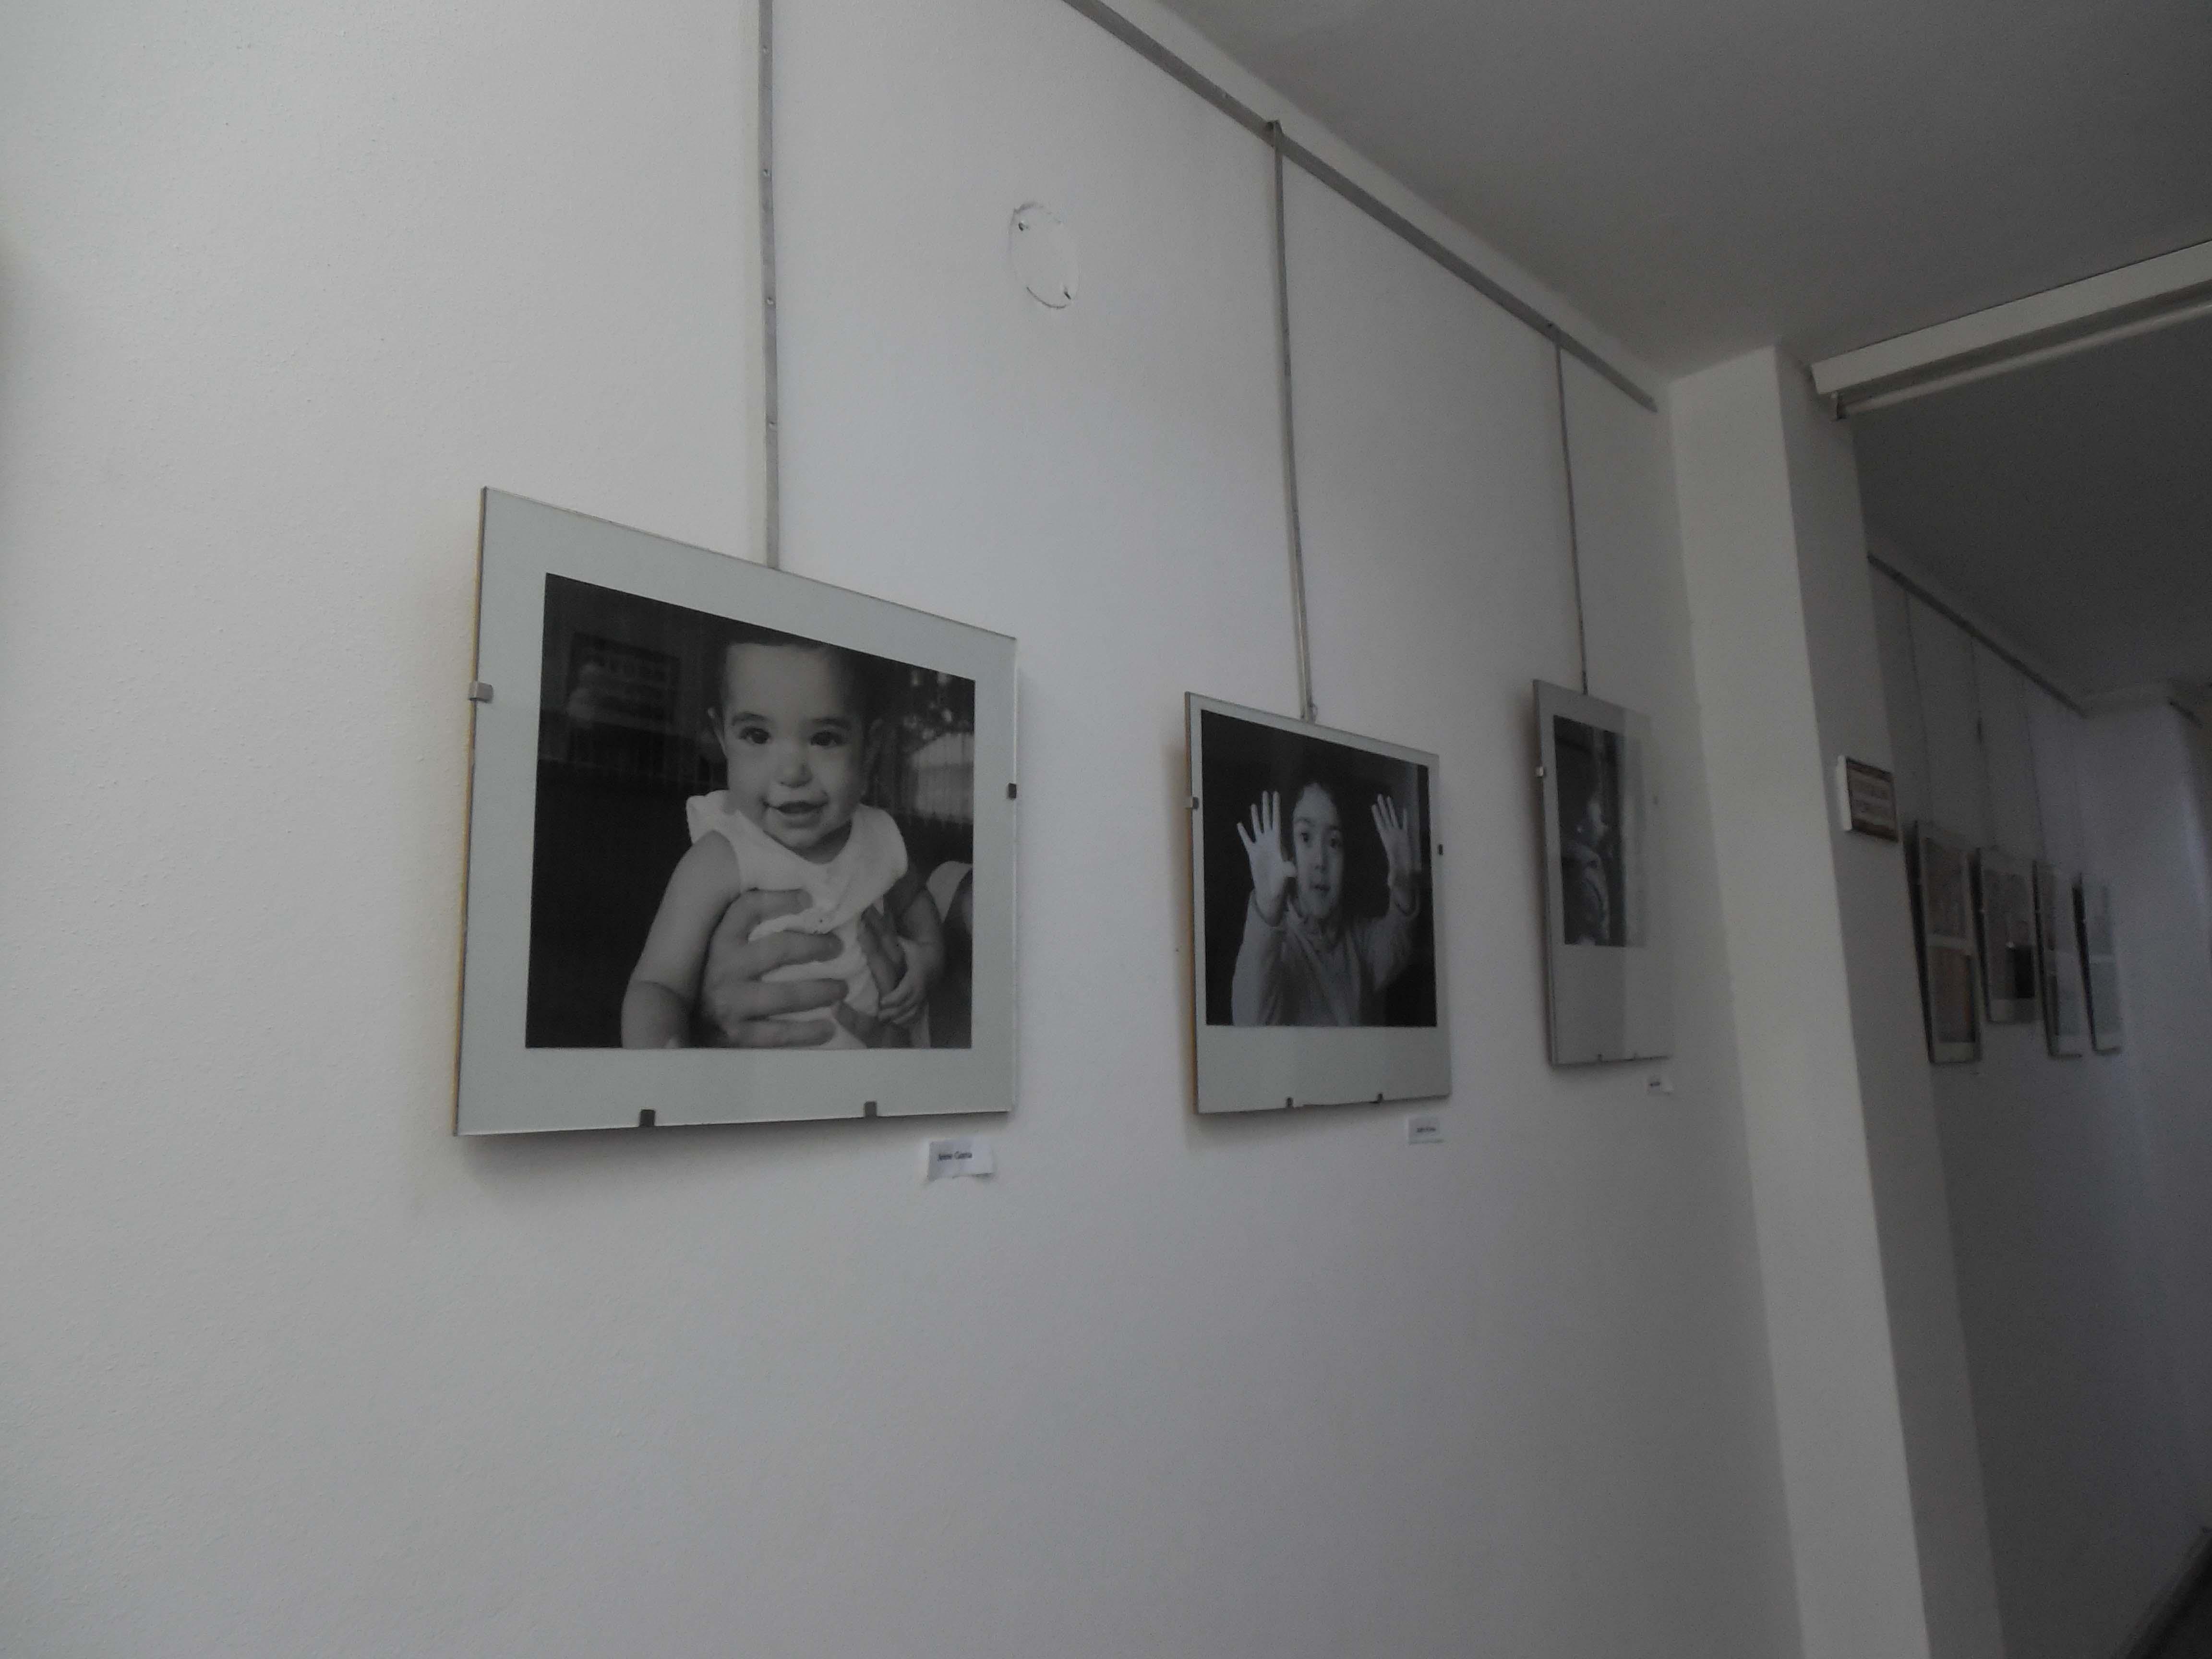 Fotogaleria - Sala de exibición de artes visuales en la Asociación Gente de Arte de Avellaneda